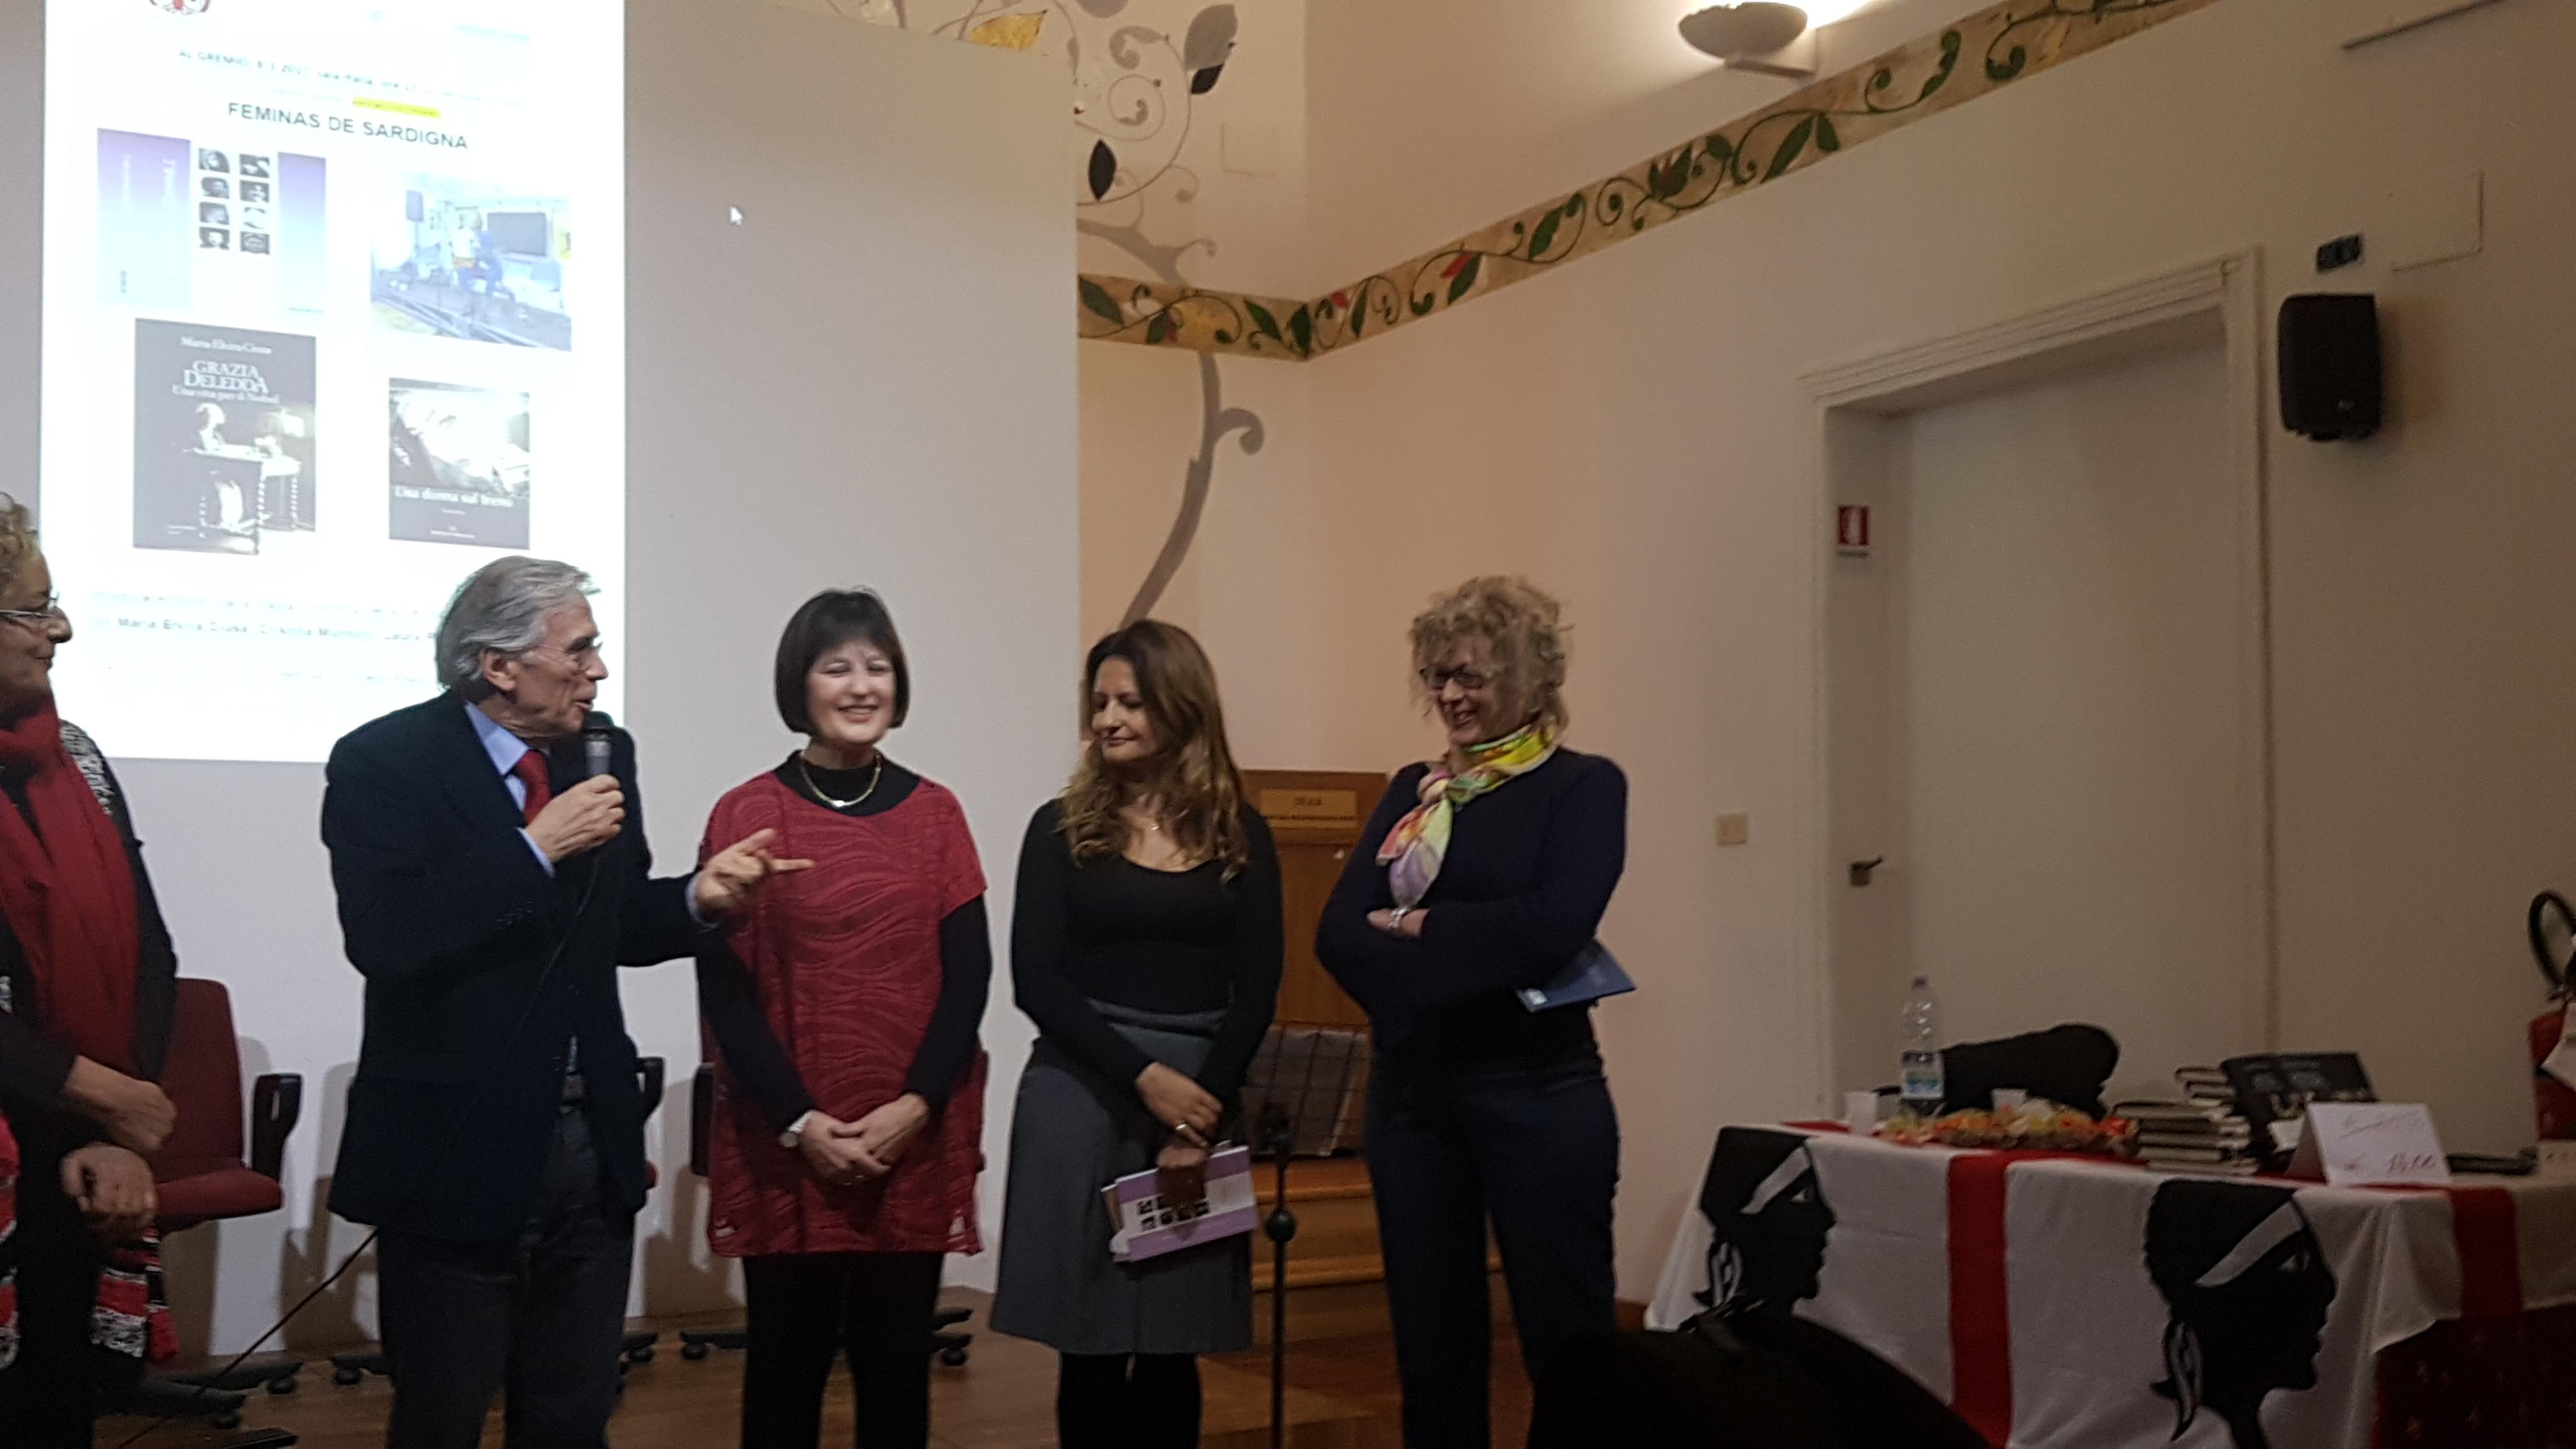 Cristina Muntoni • Presentazione di Sardegna al Femminile ...